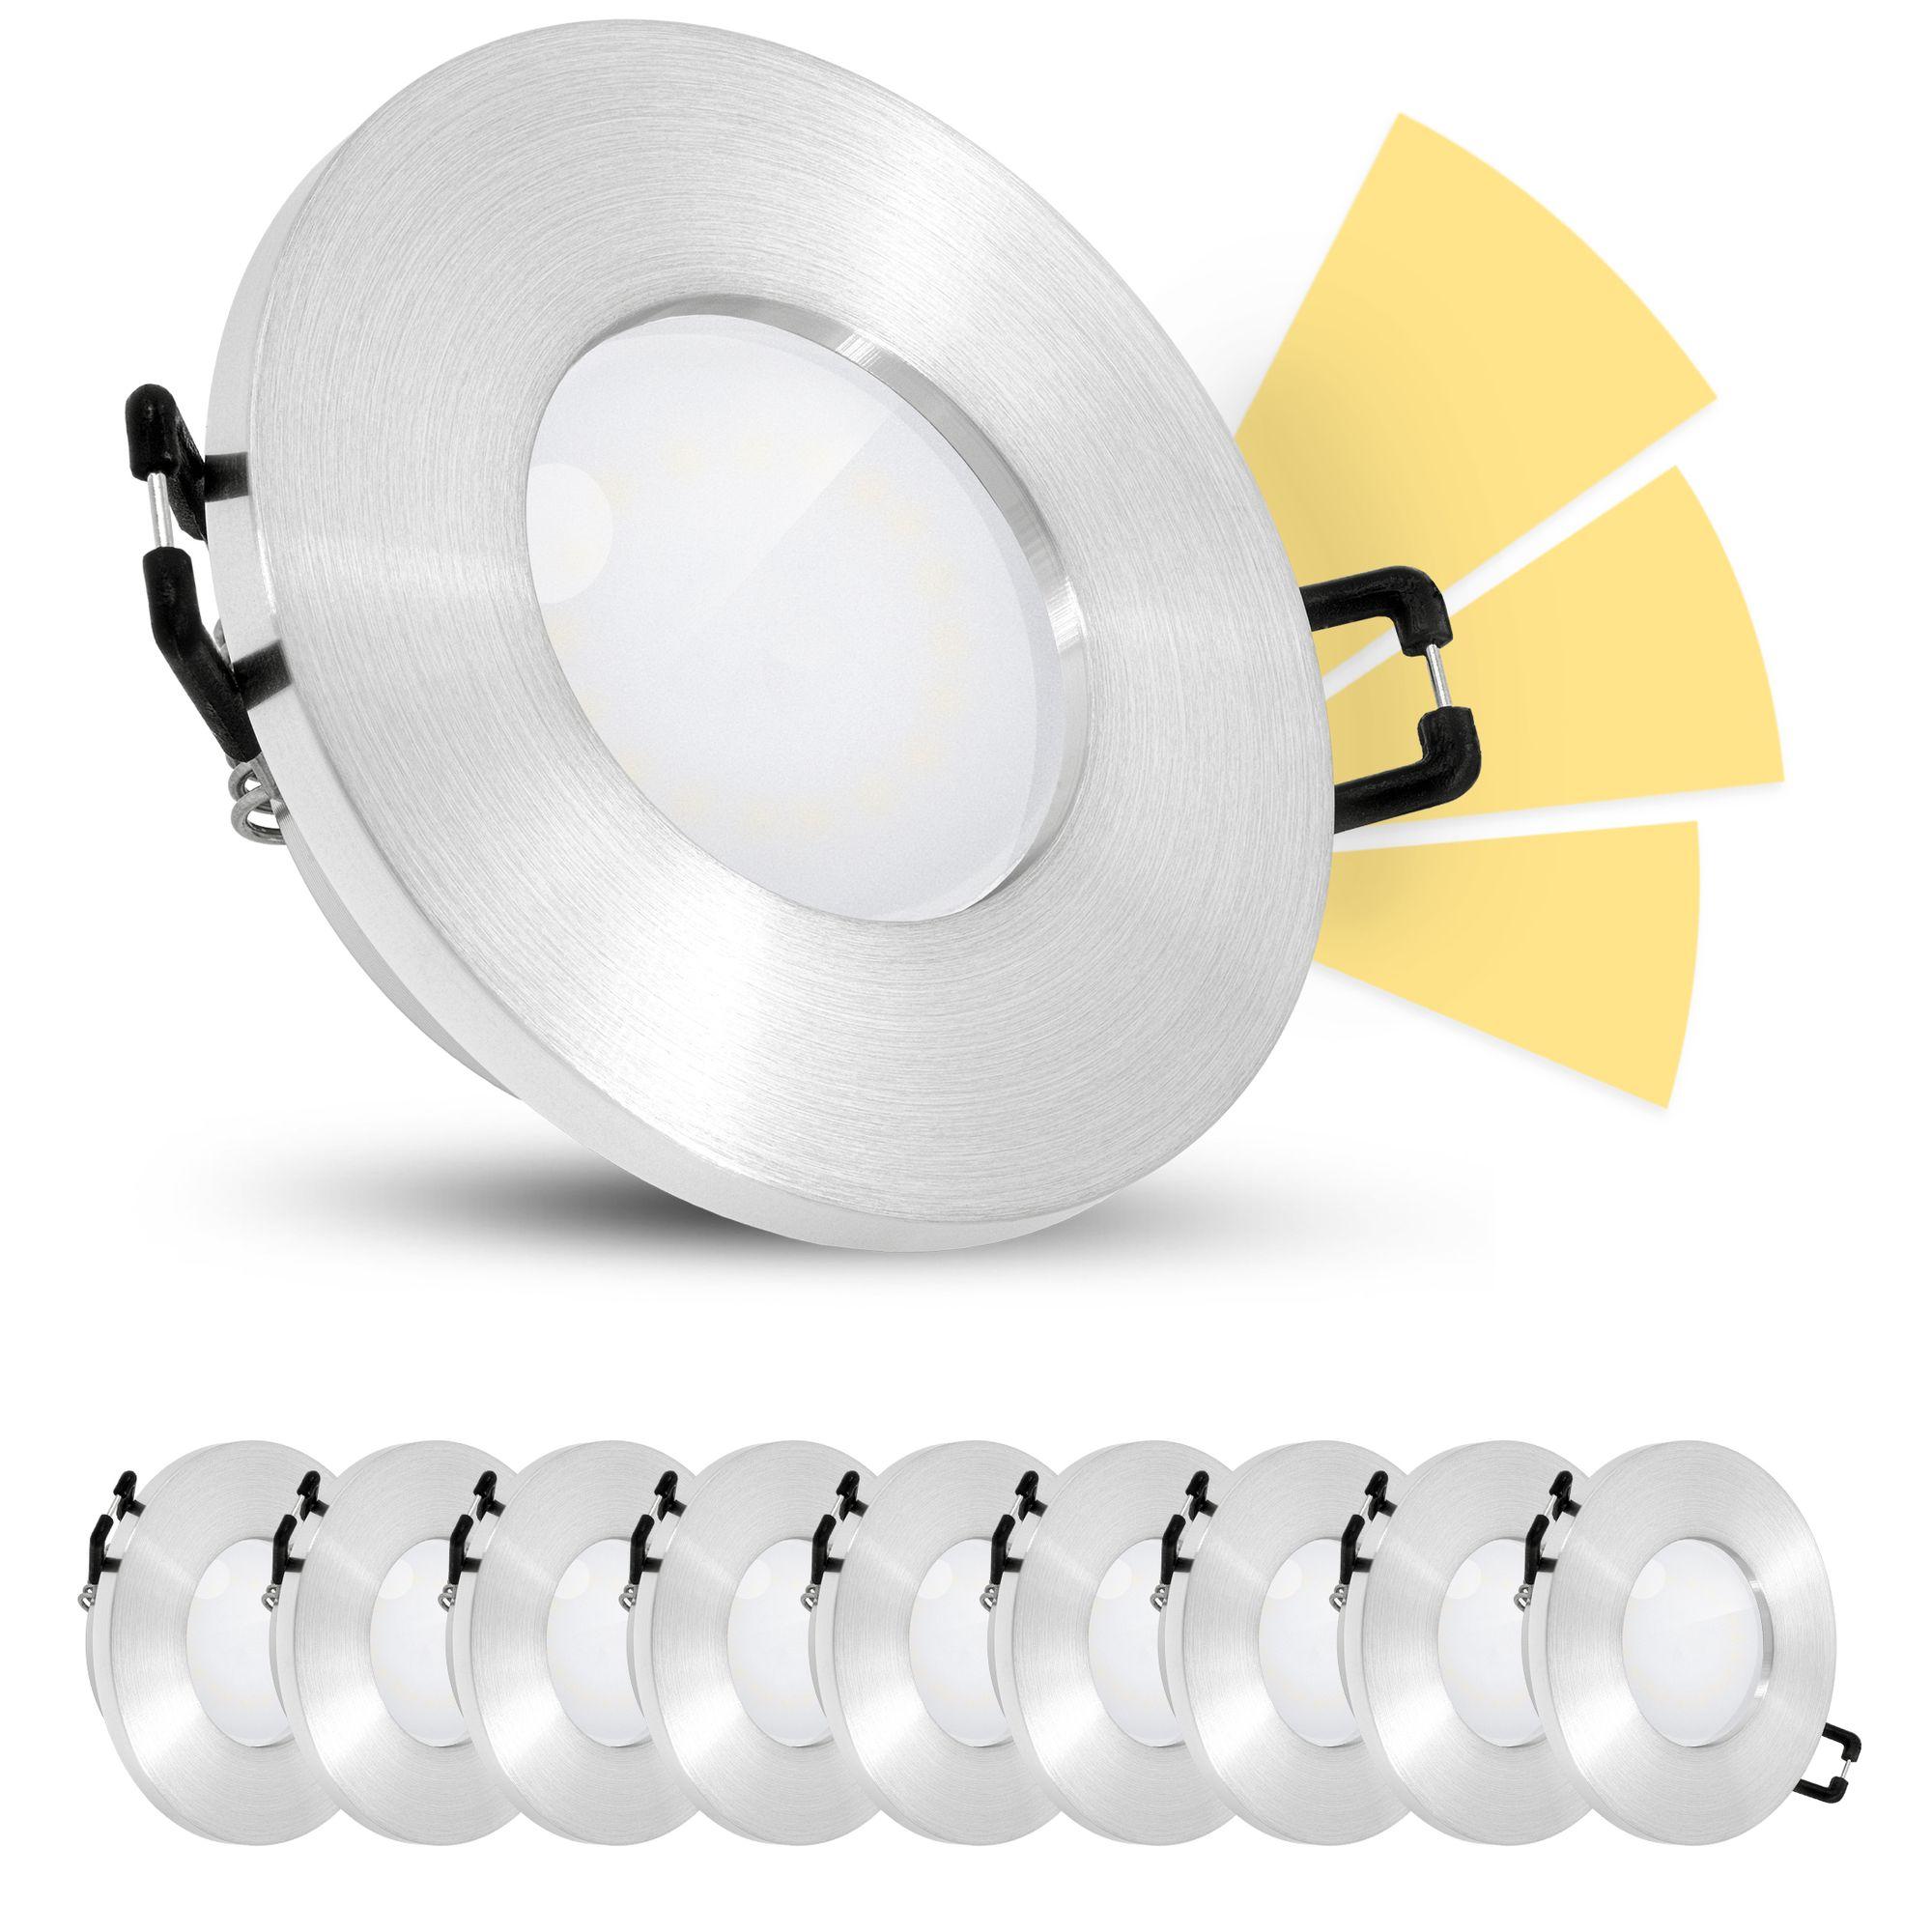 20er Set fourSTEP LED Einbauleuchten Bad IP20 warmweiß GU20 20W 20V    gebürstet rund